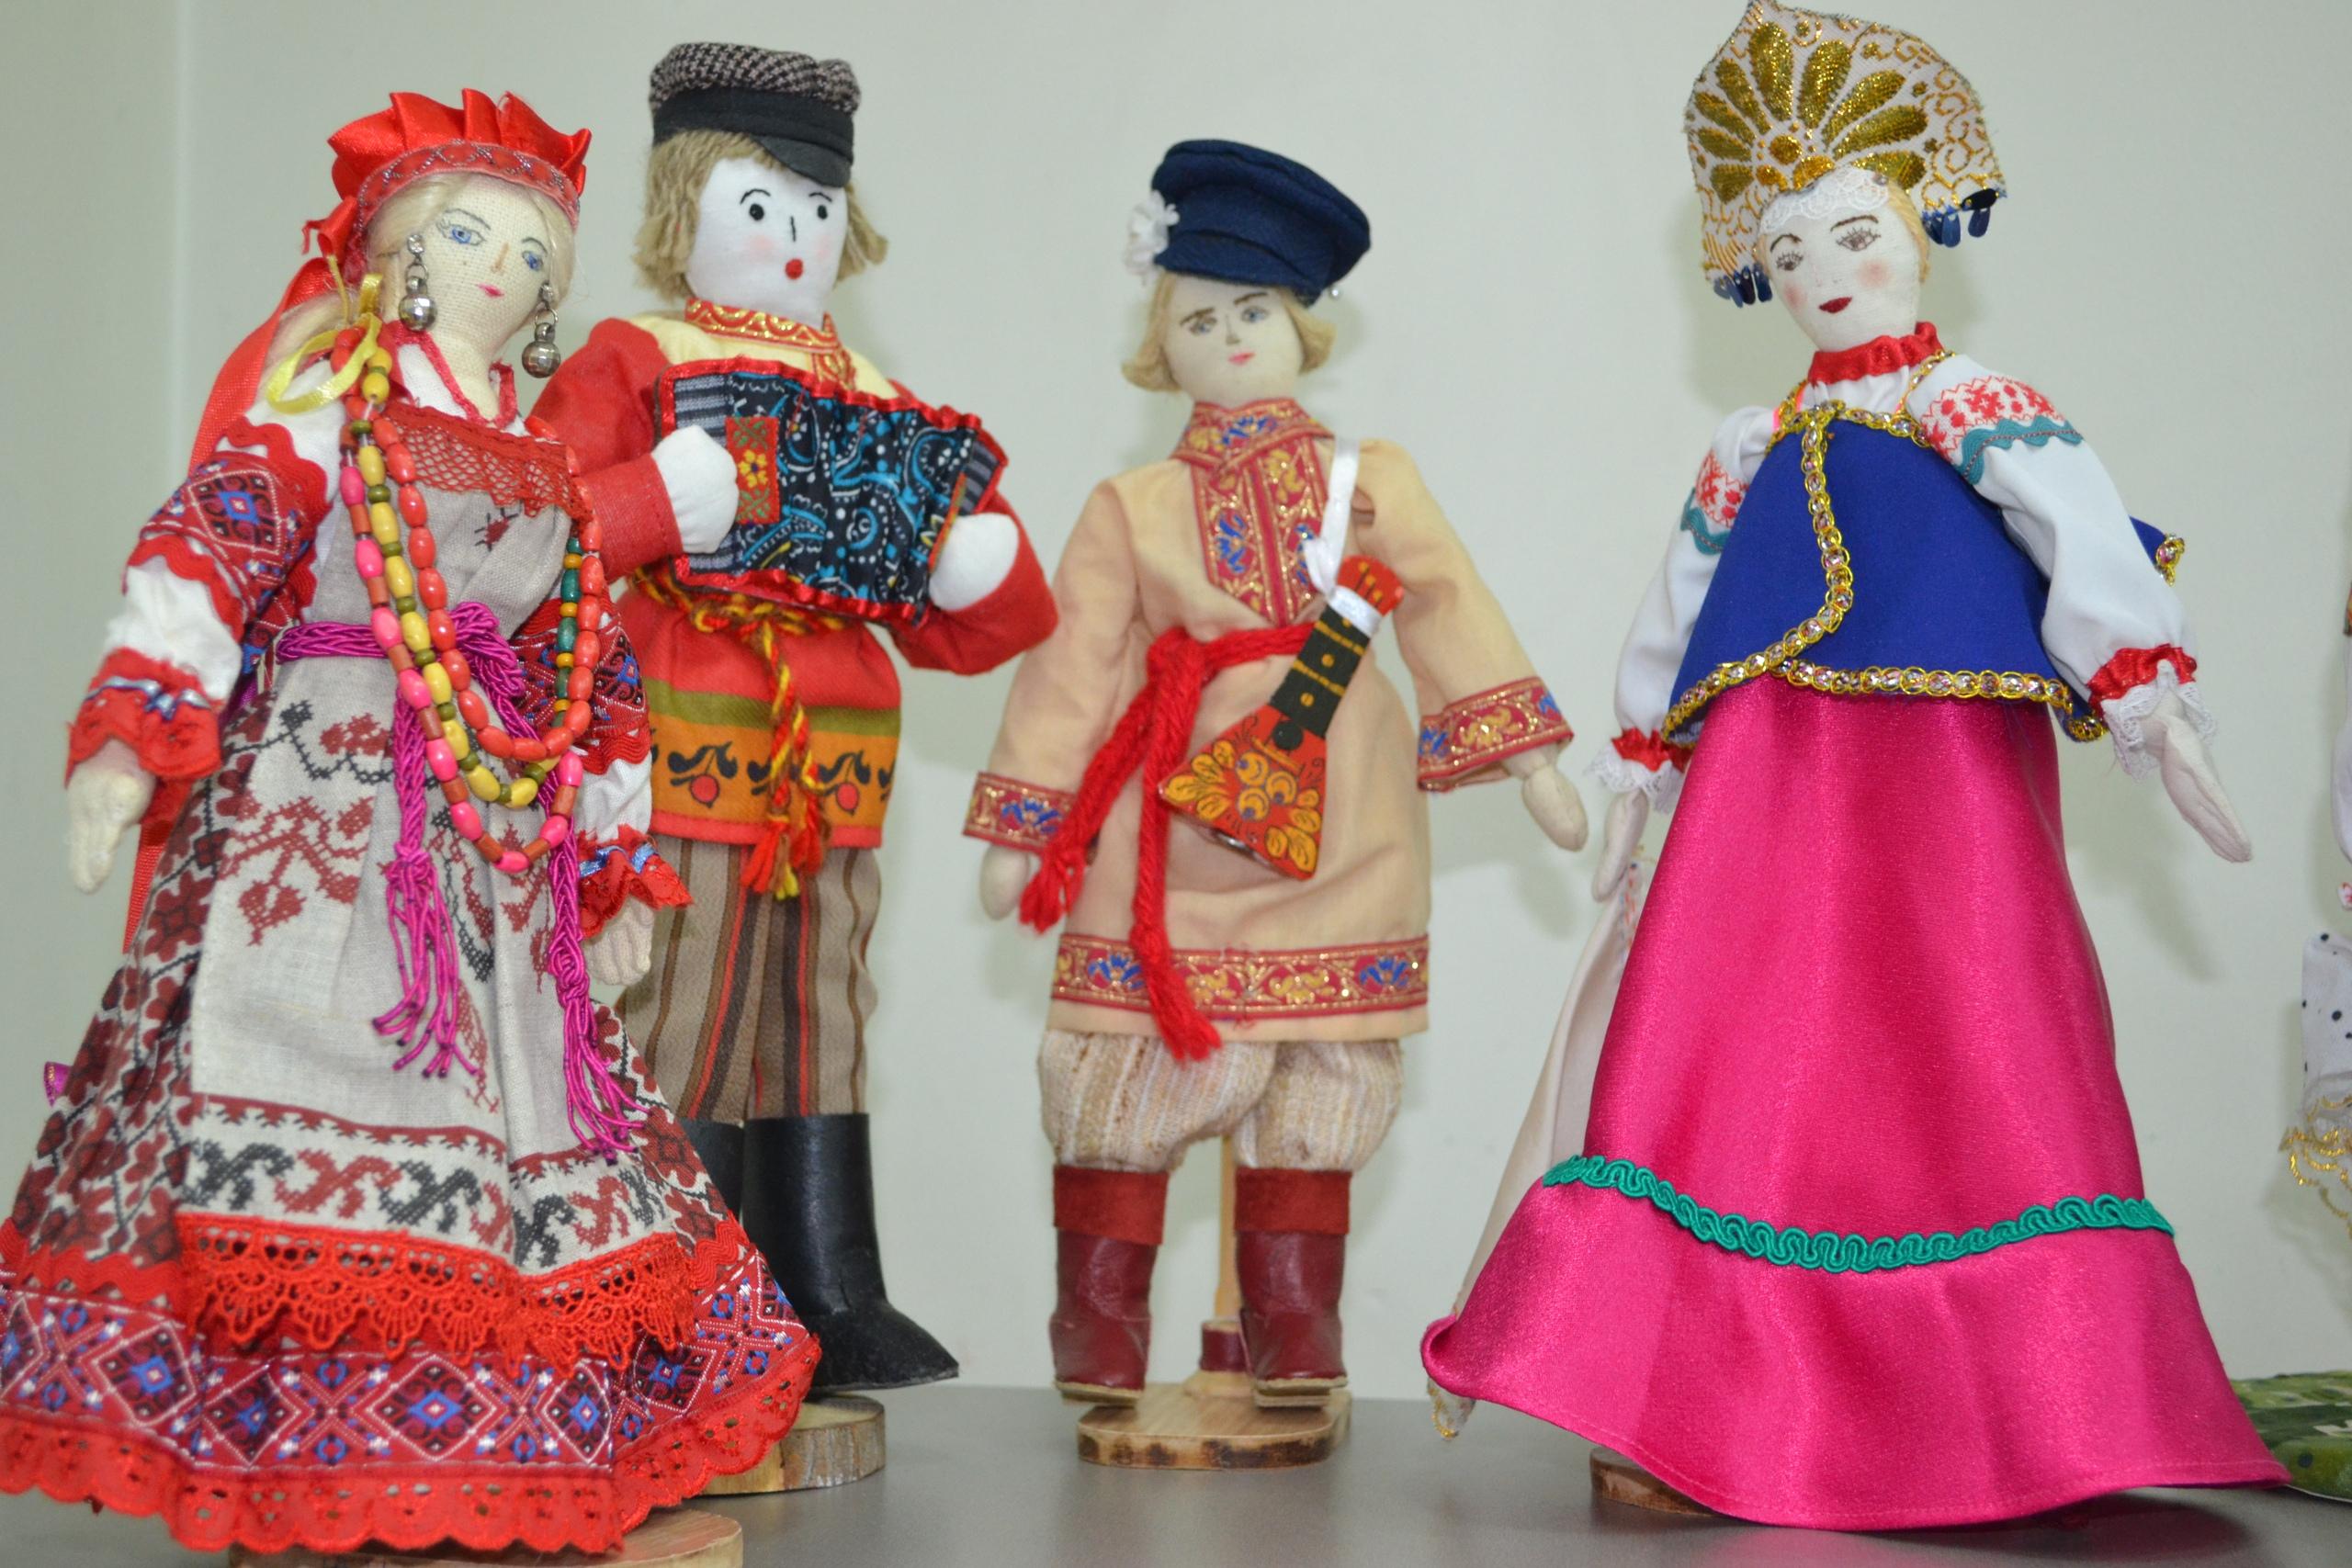 мероприятие Выставка текстильной куклы «Венок дружбы» курган афиша расписание